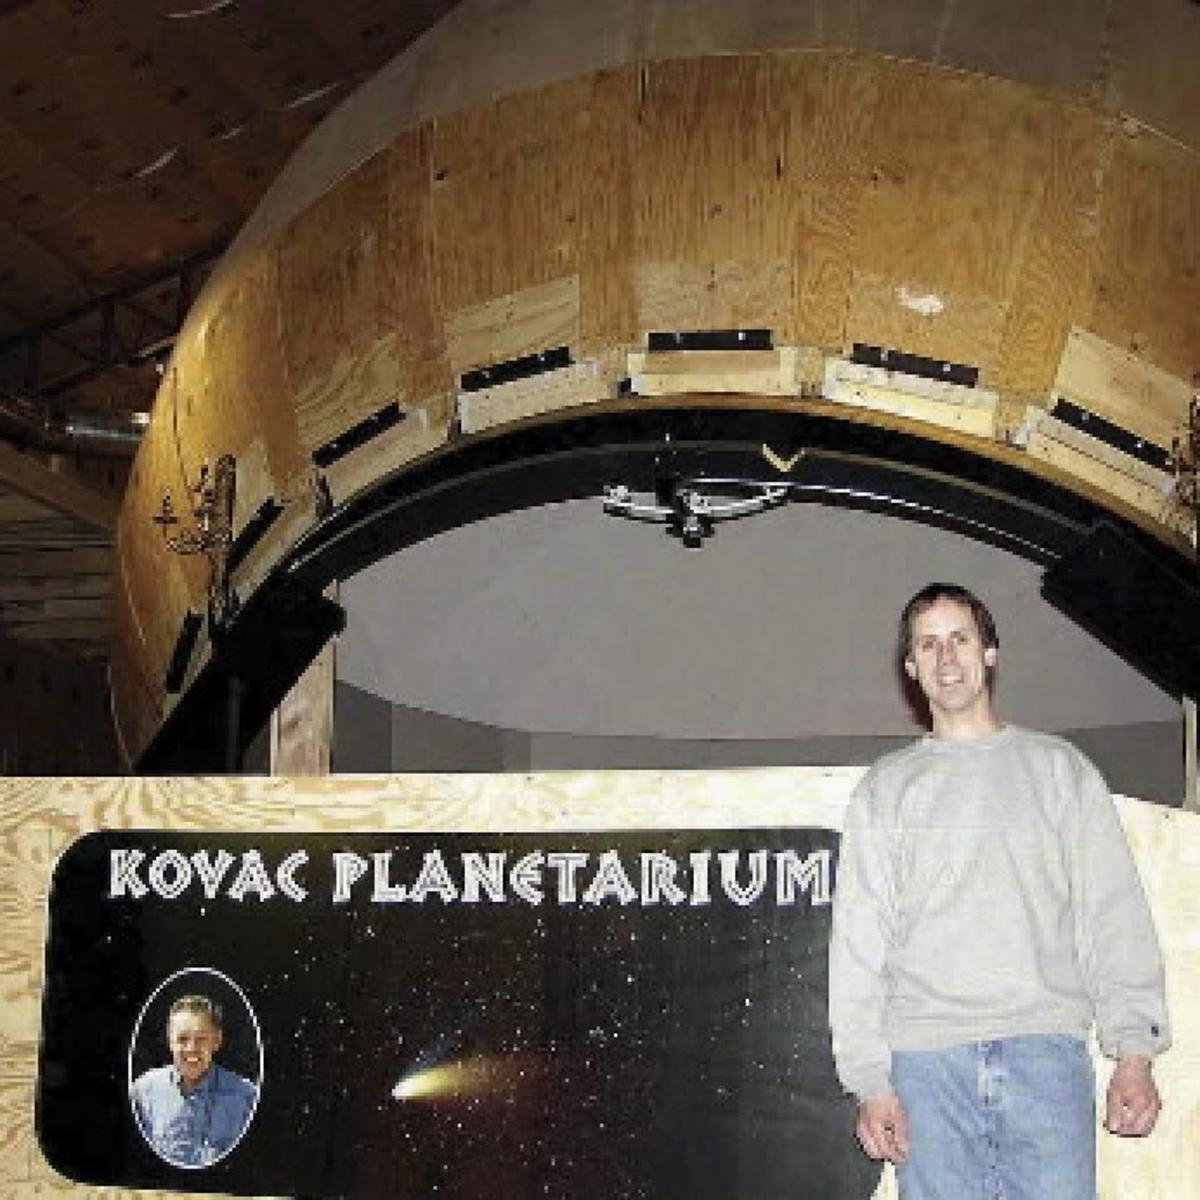 Amateur astronomer builds a planetarium, opens it to